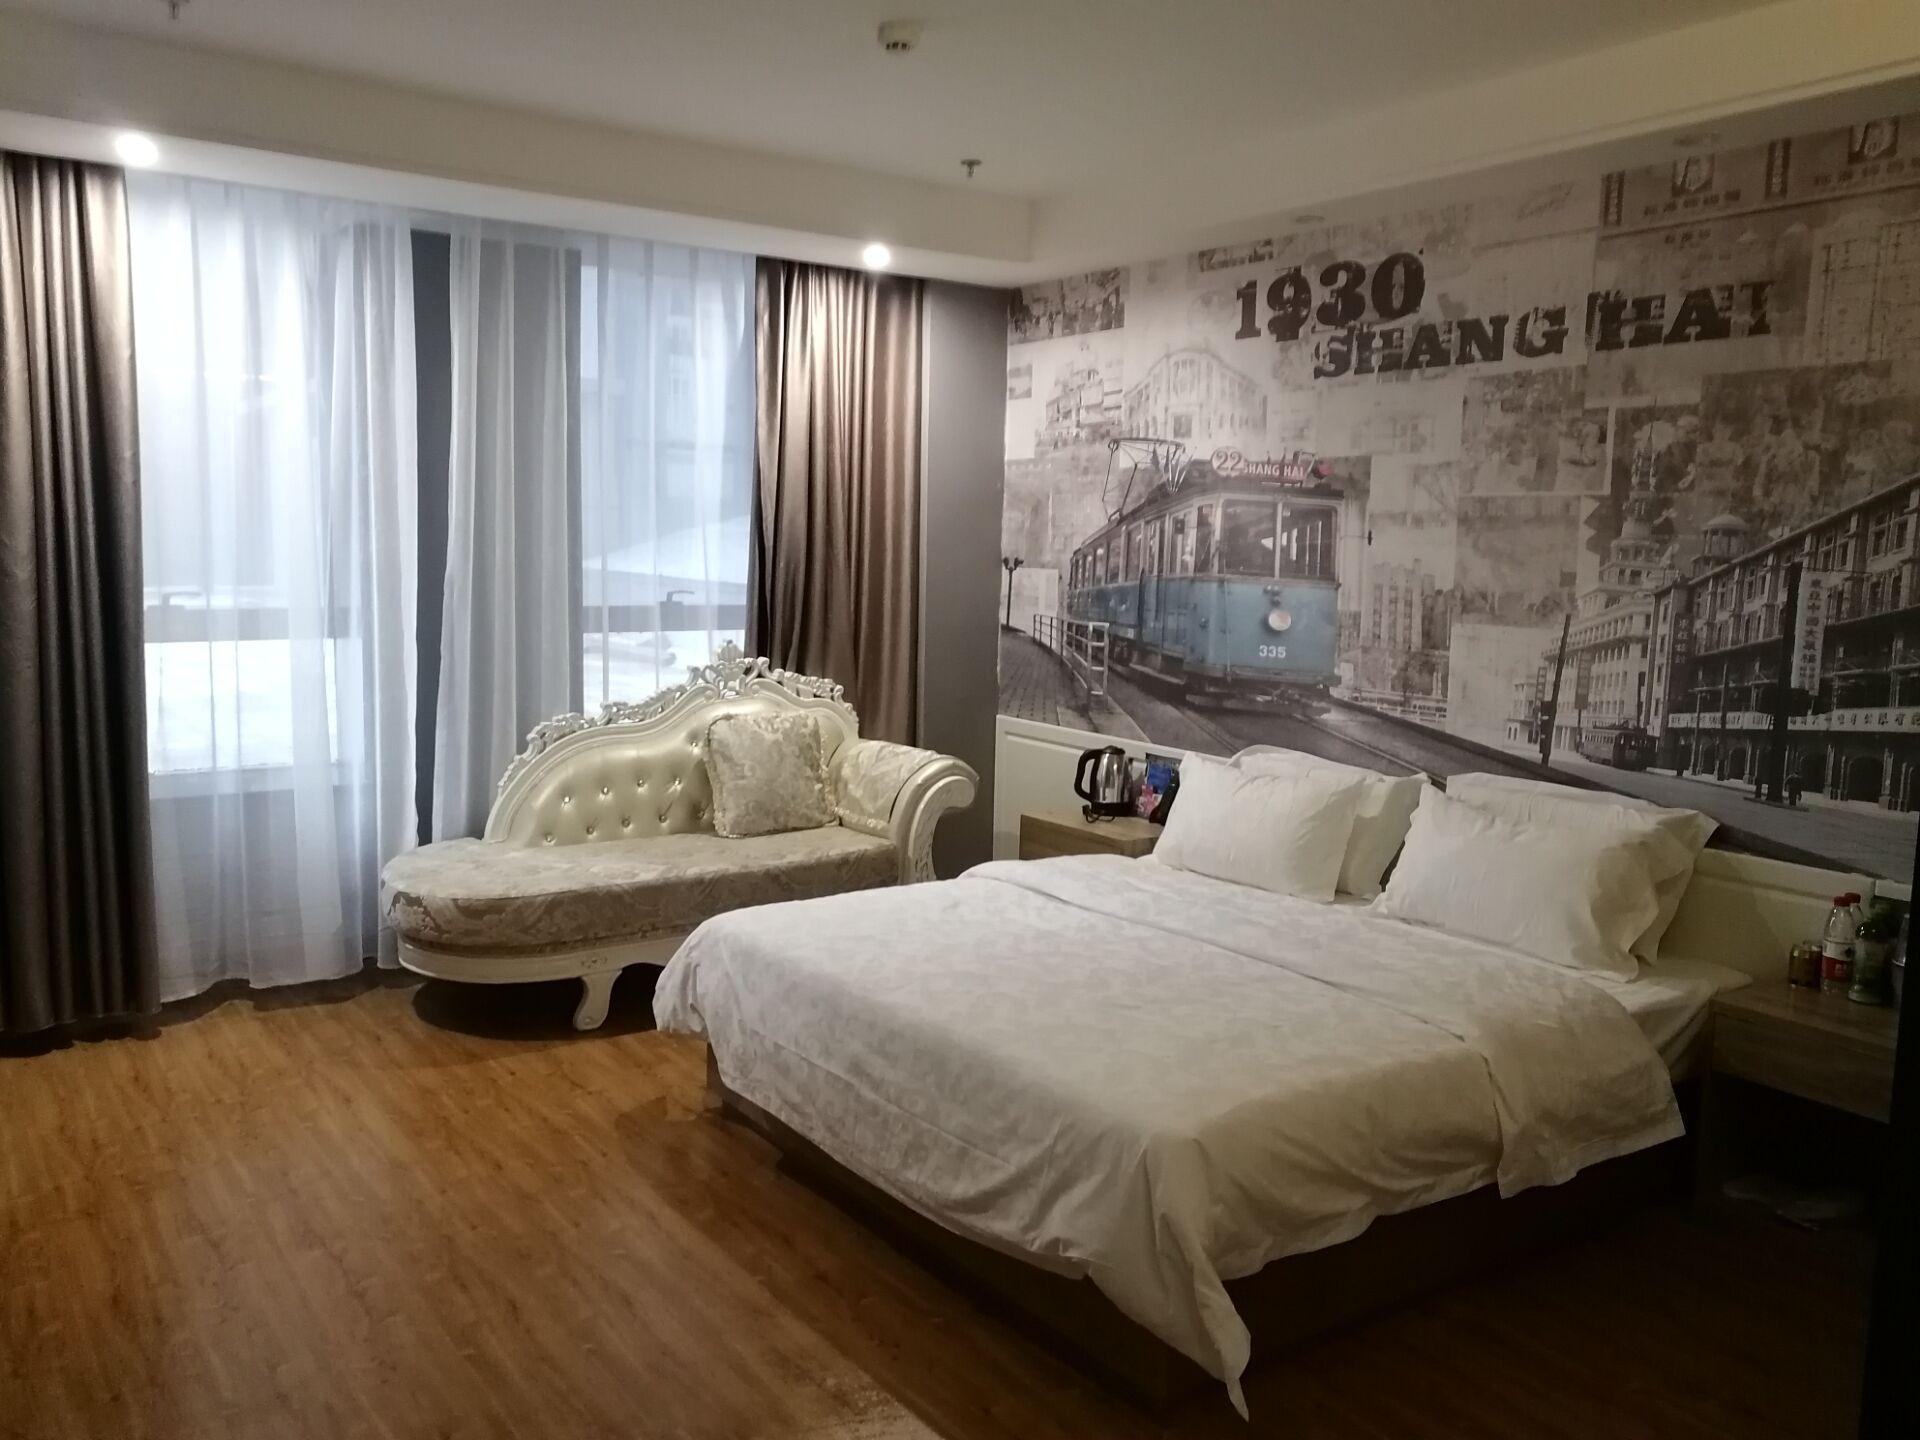 吉翔如意酒店上海滩大床房